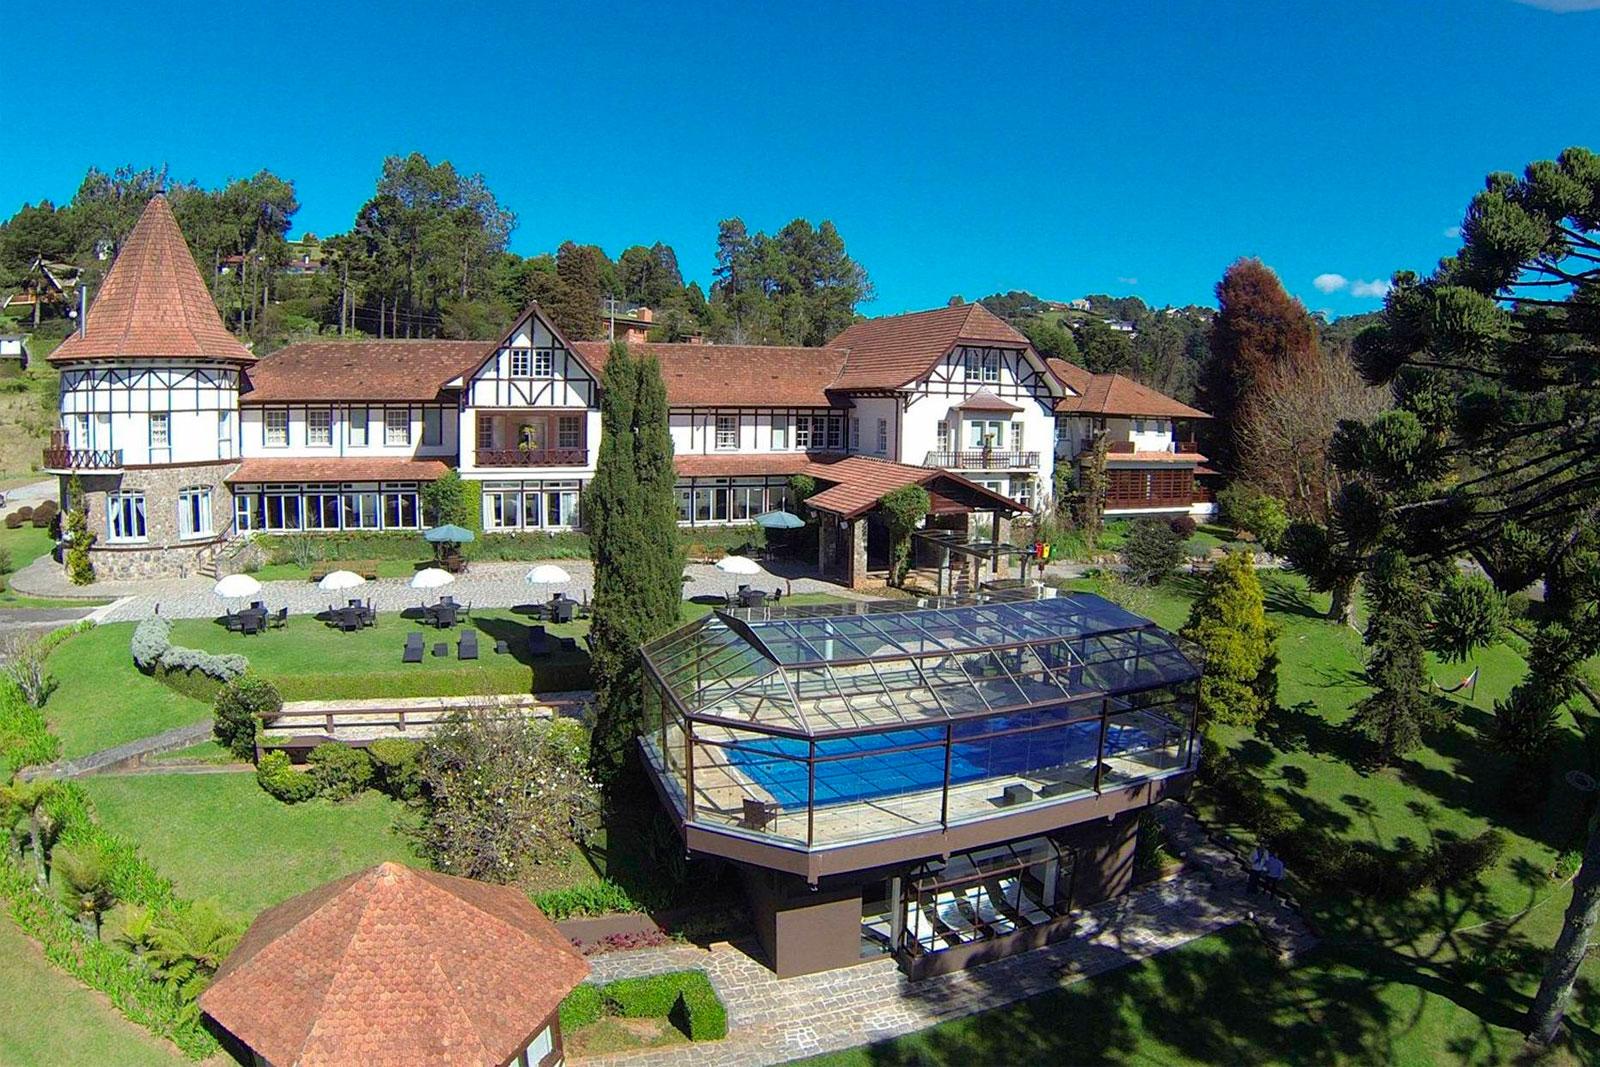 hotel vila inglesa - Nossas Empresas